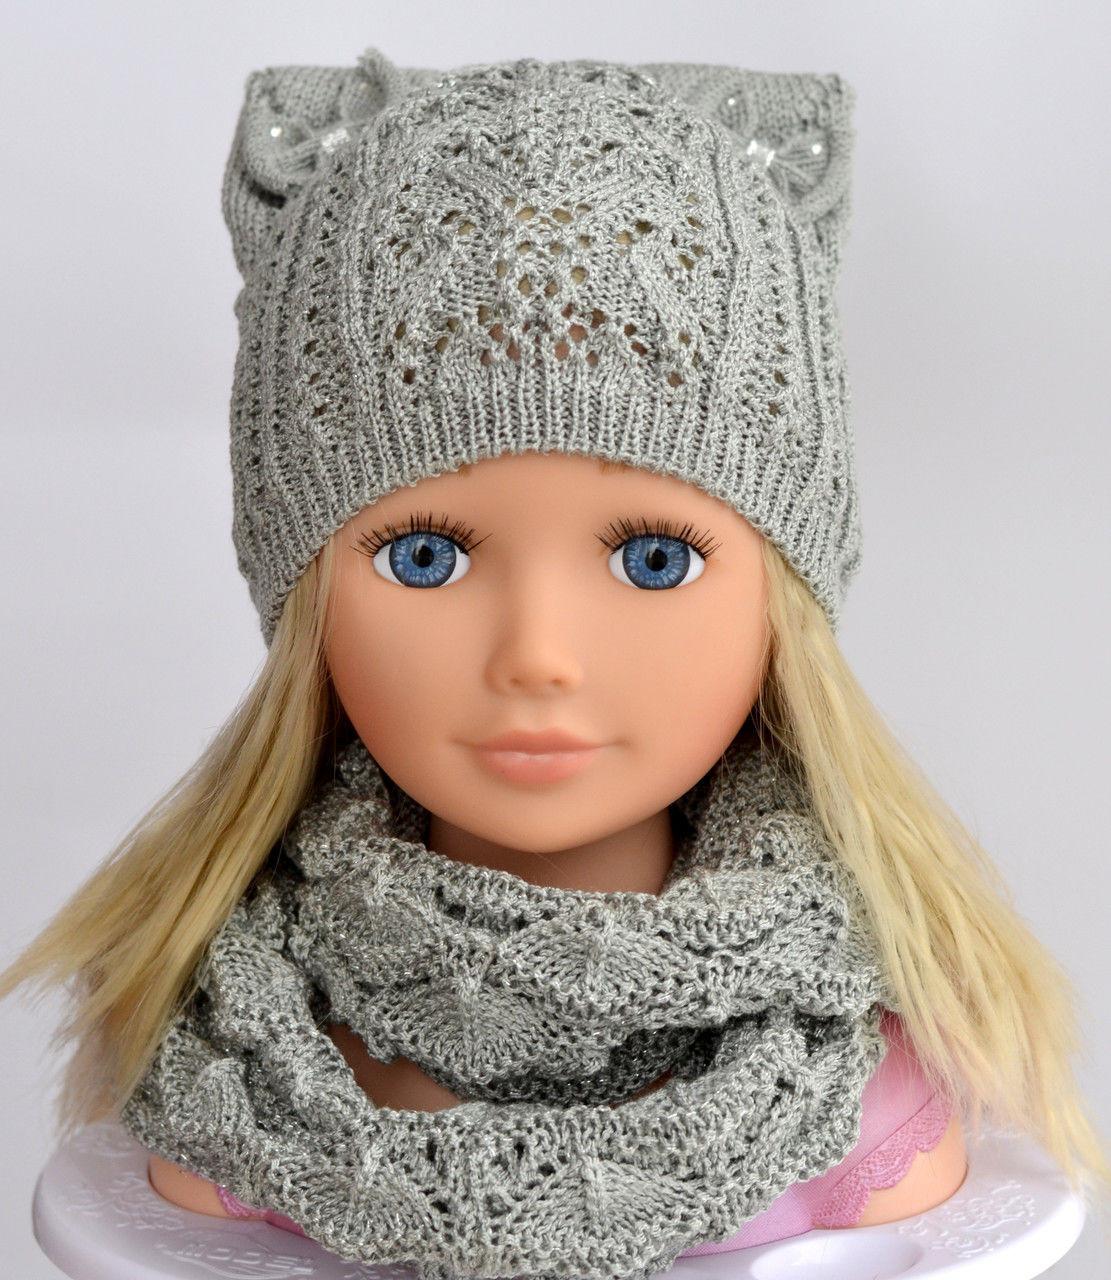 Весняна шапка з вушками Колір Світло-сірий Розмір 50-56